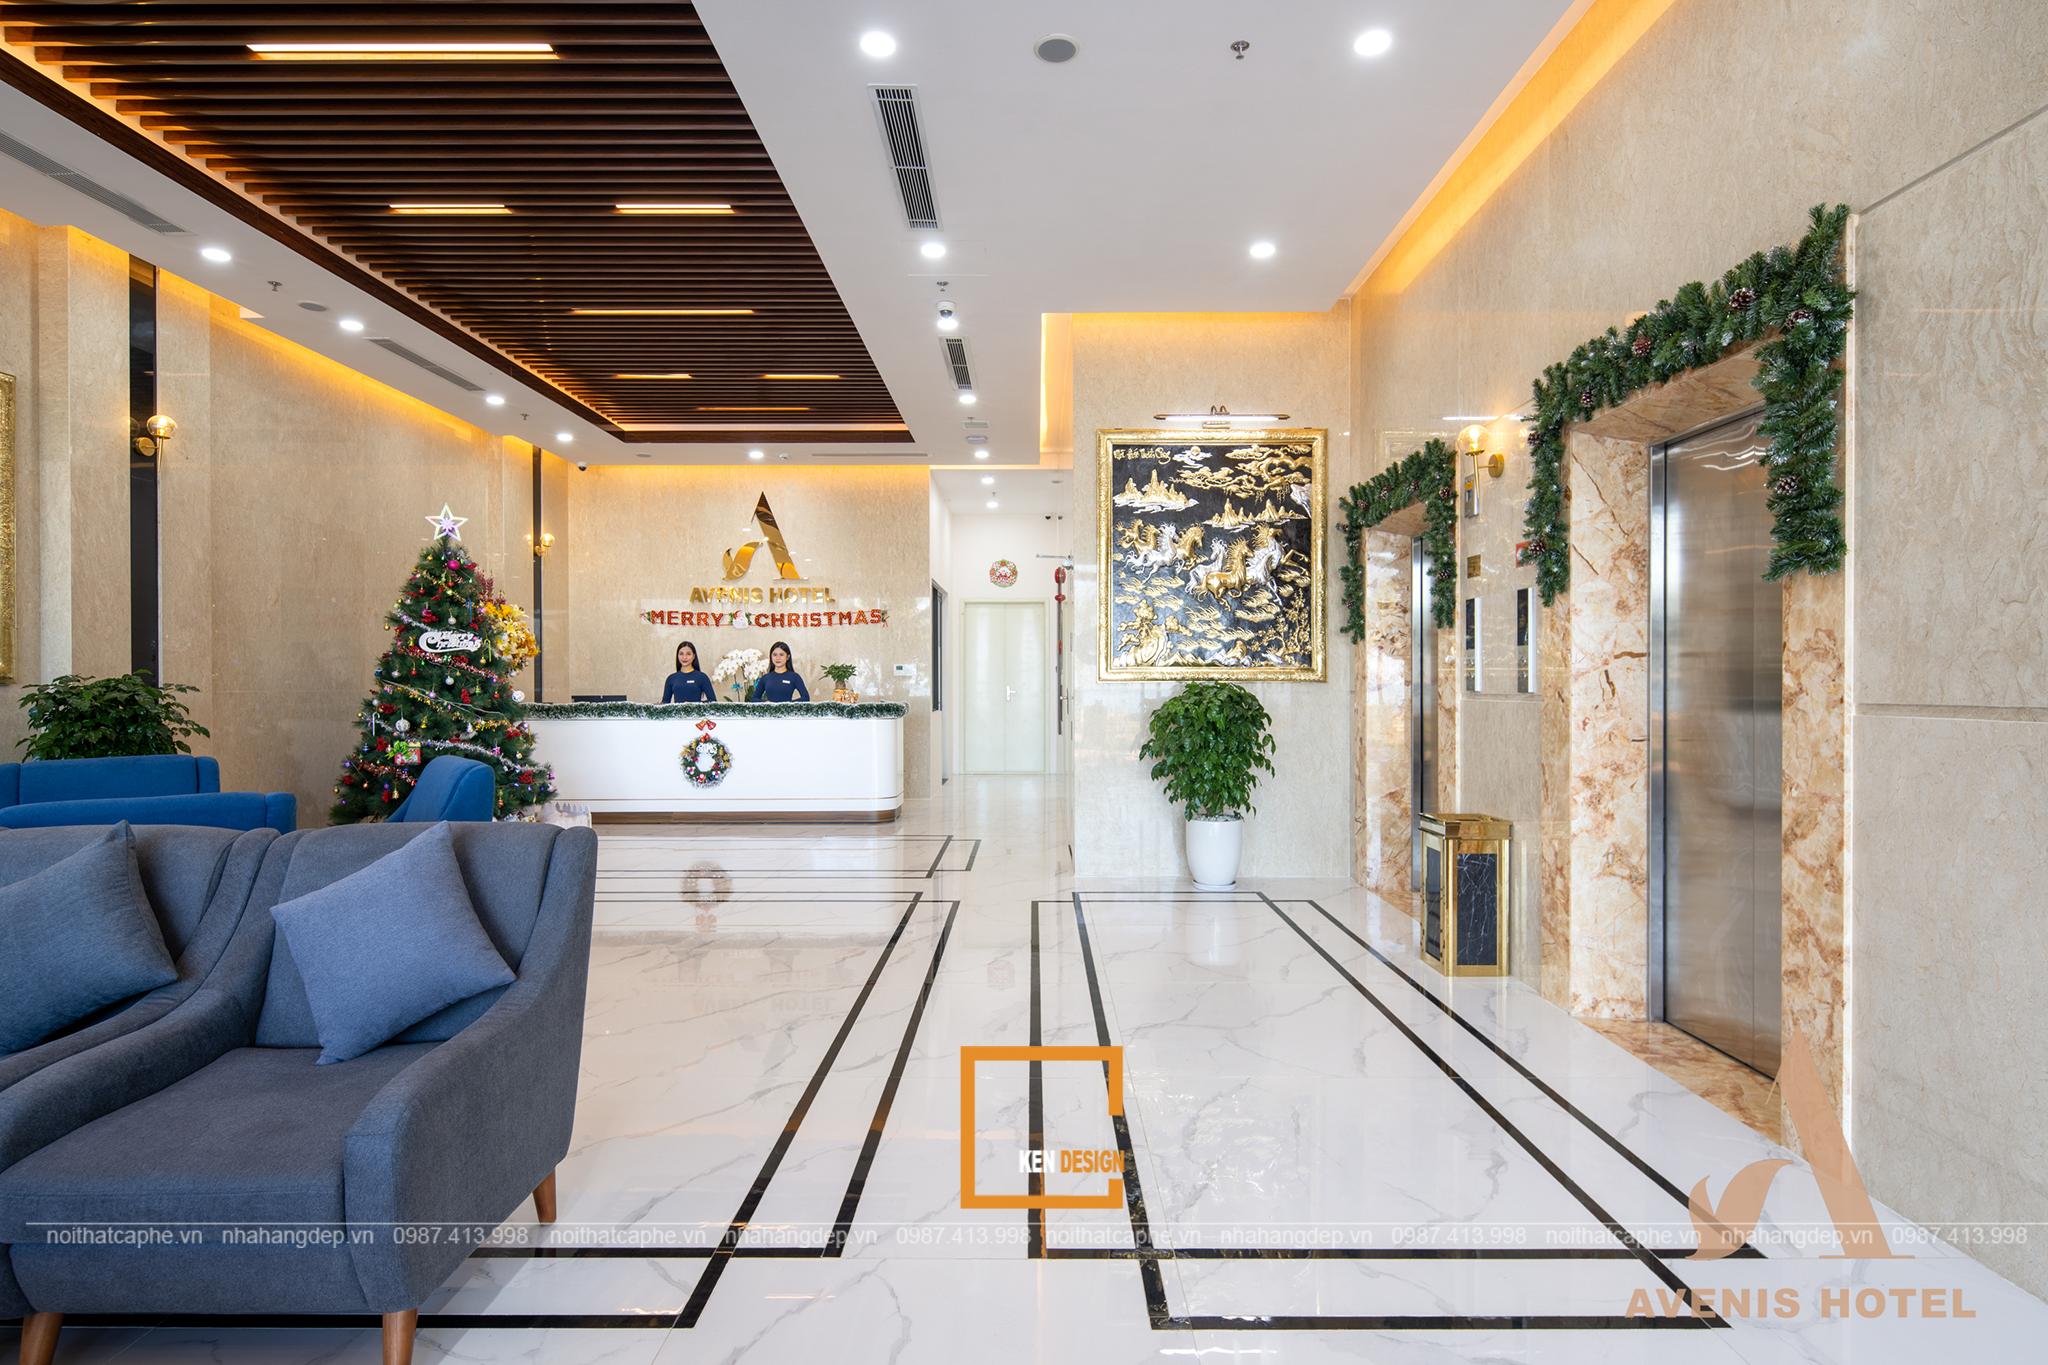 Thiết kế khách sạn Avenis - thiên đường nghỉ dưỡng nơi miển biển